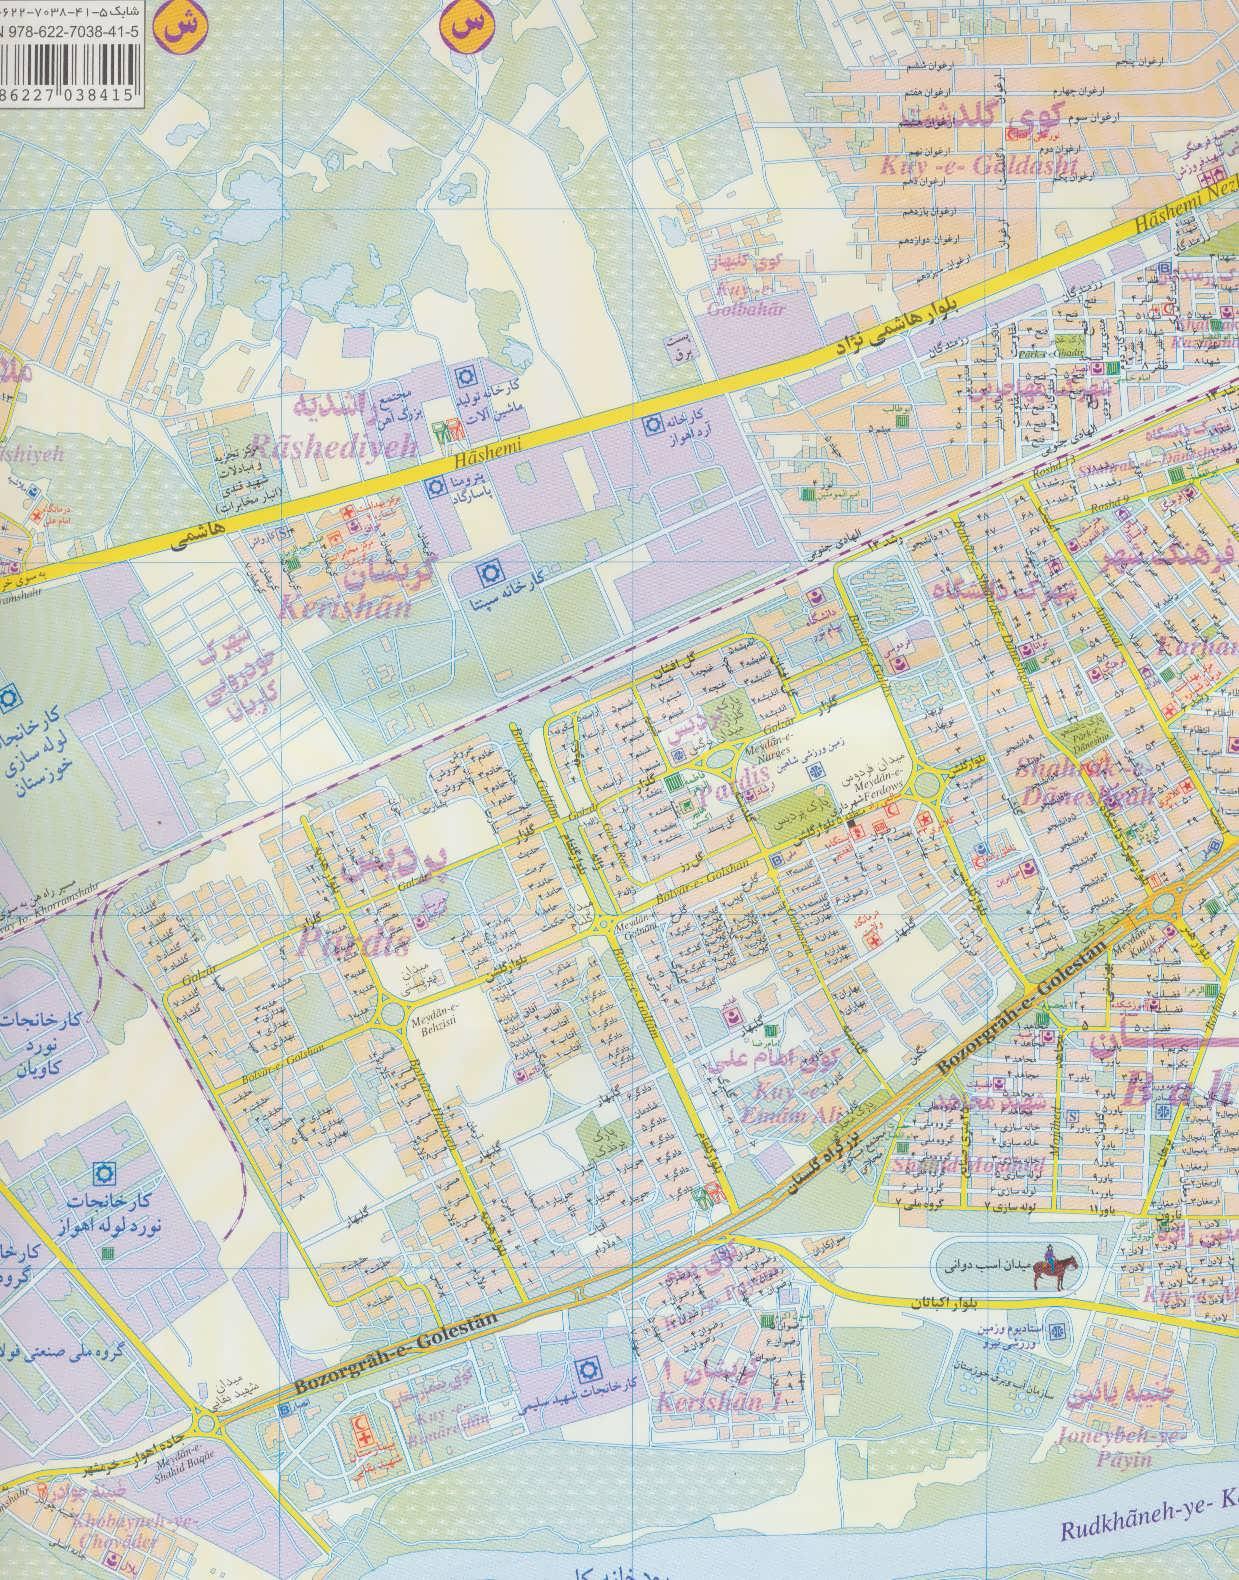 نقشه گردشگری شهر اهواز کد 1556 (گلاسه)